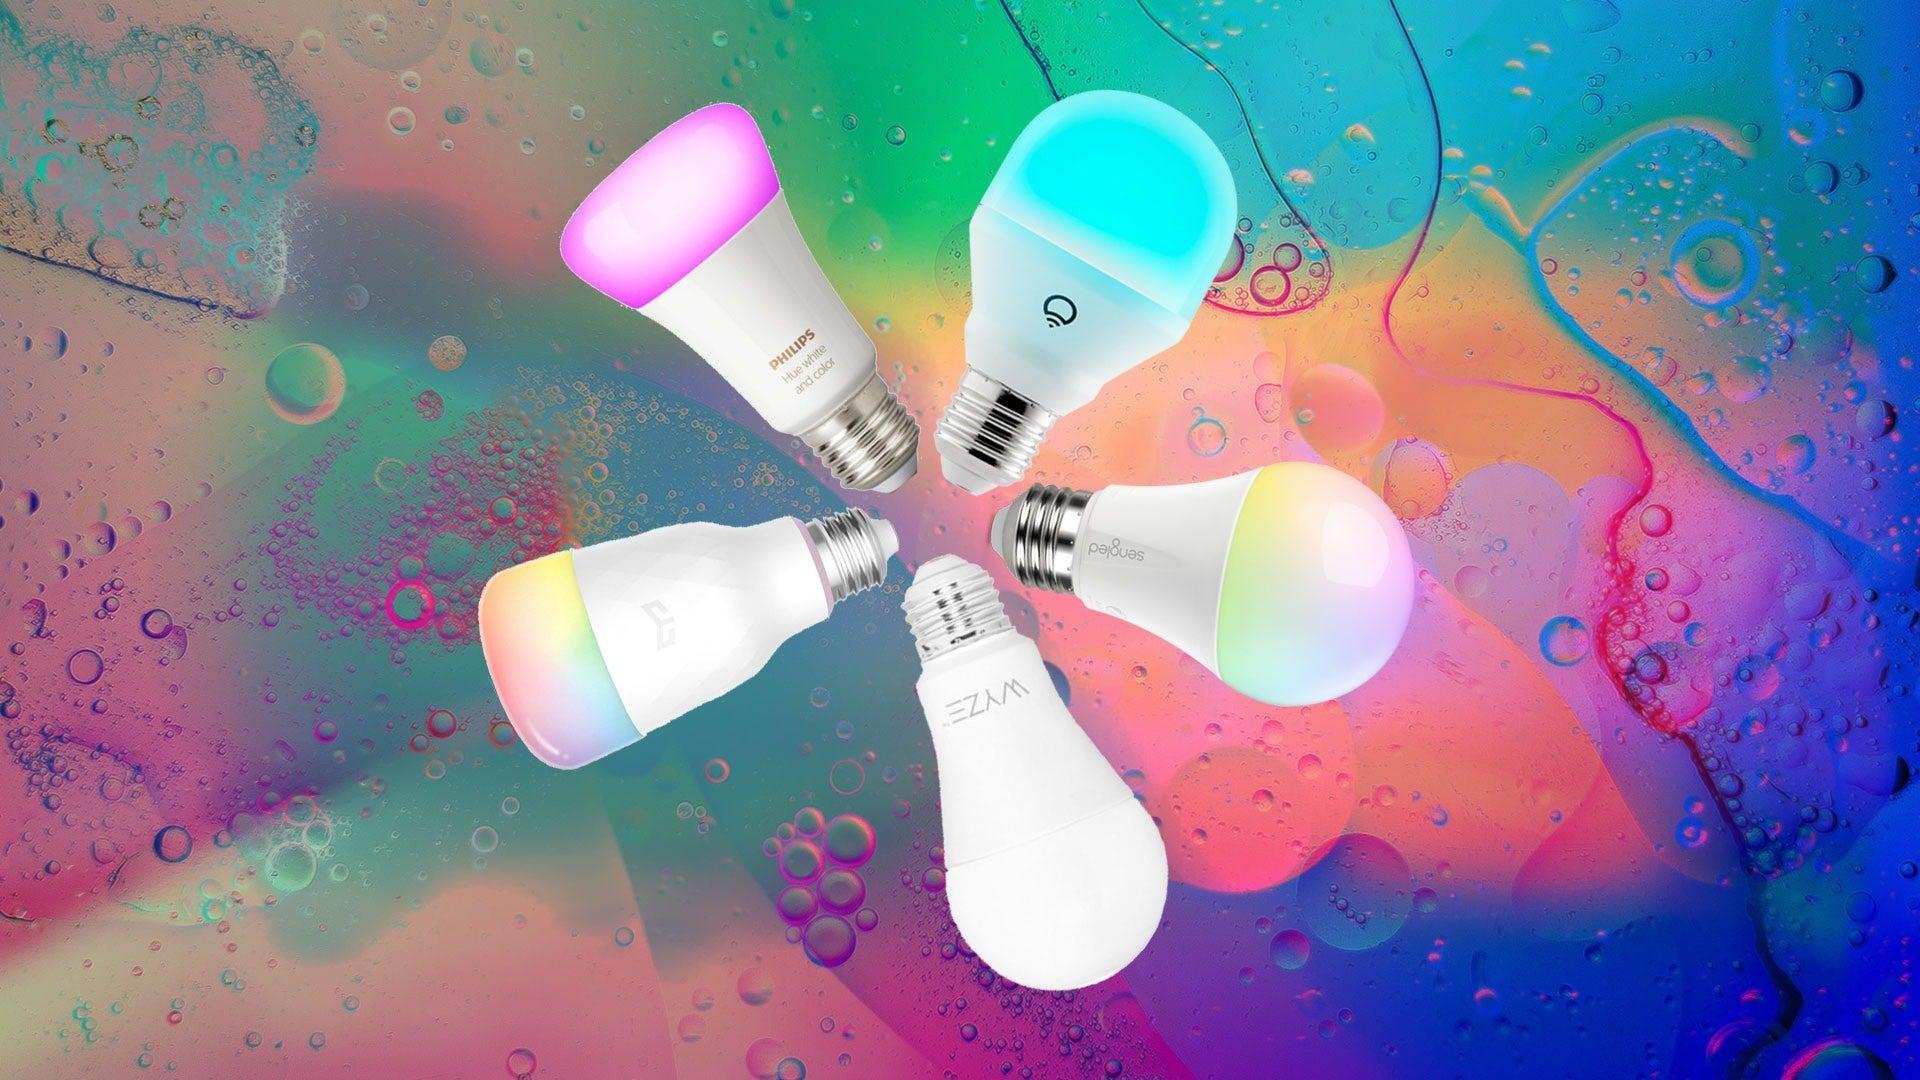 Protocolli e caratteristiche della lampadina intelligente